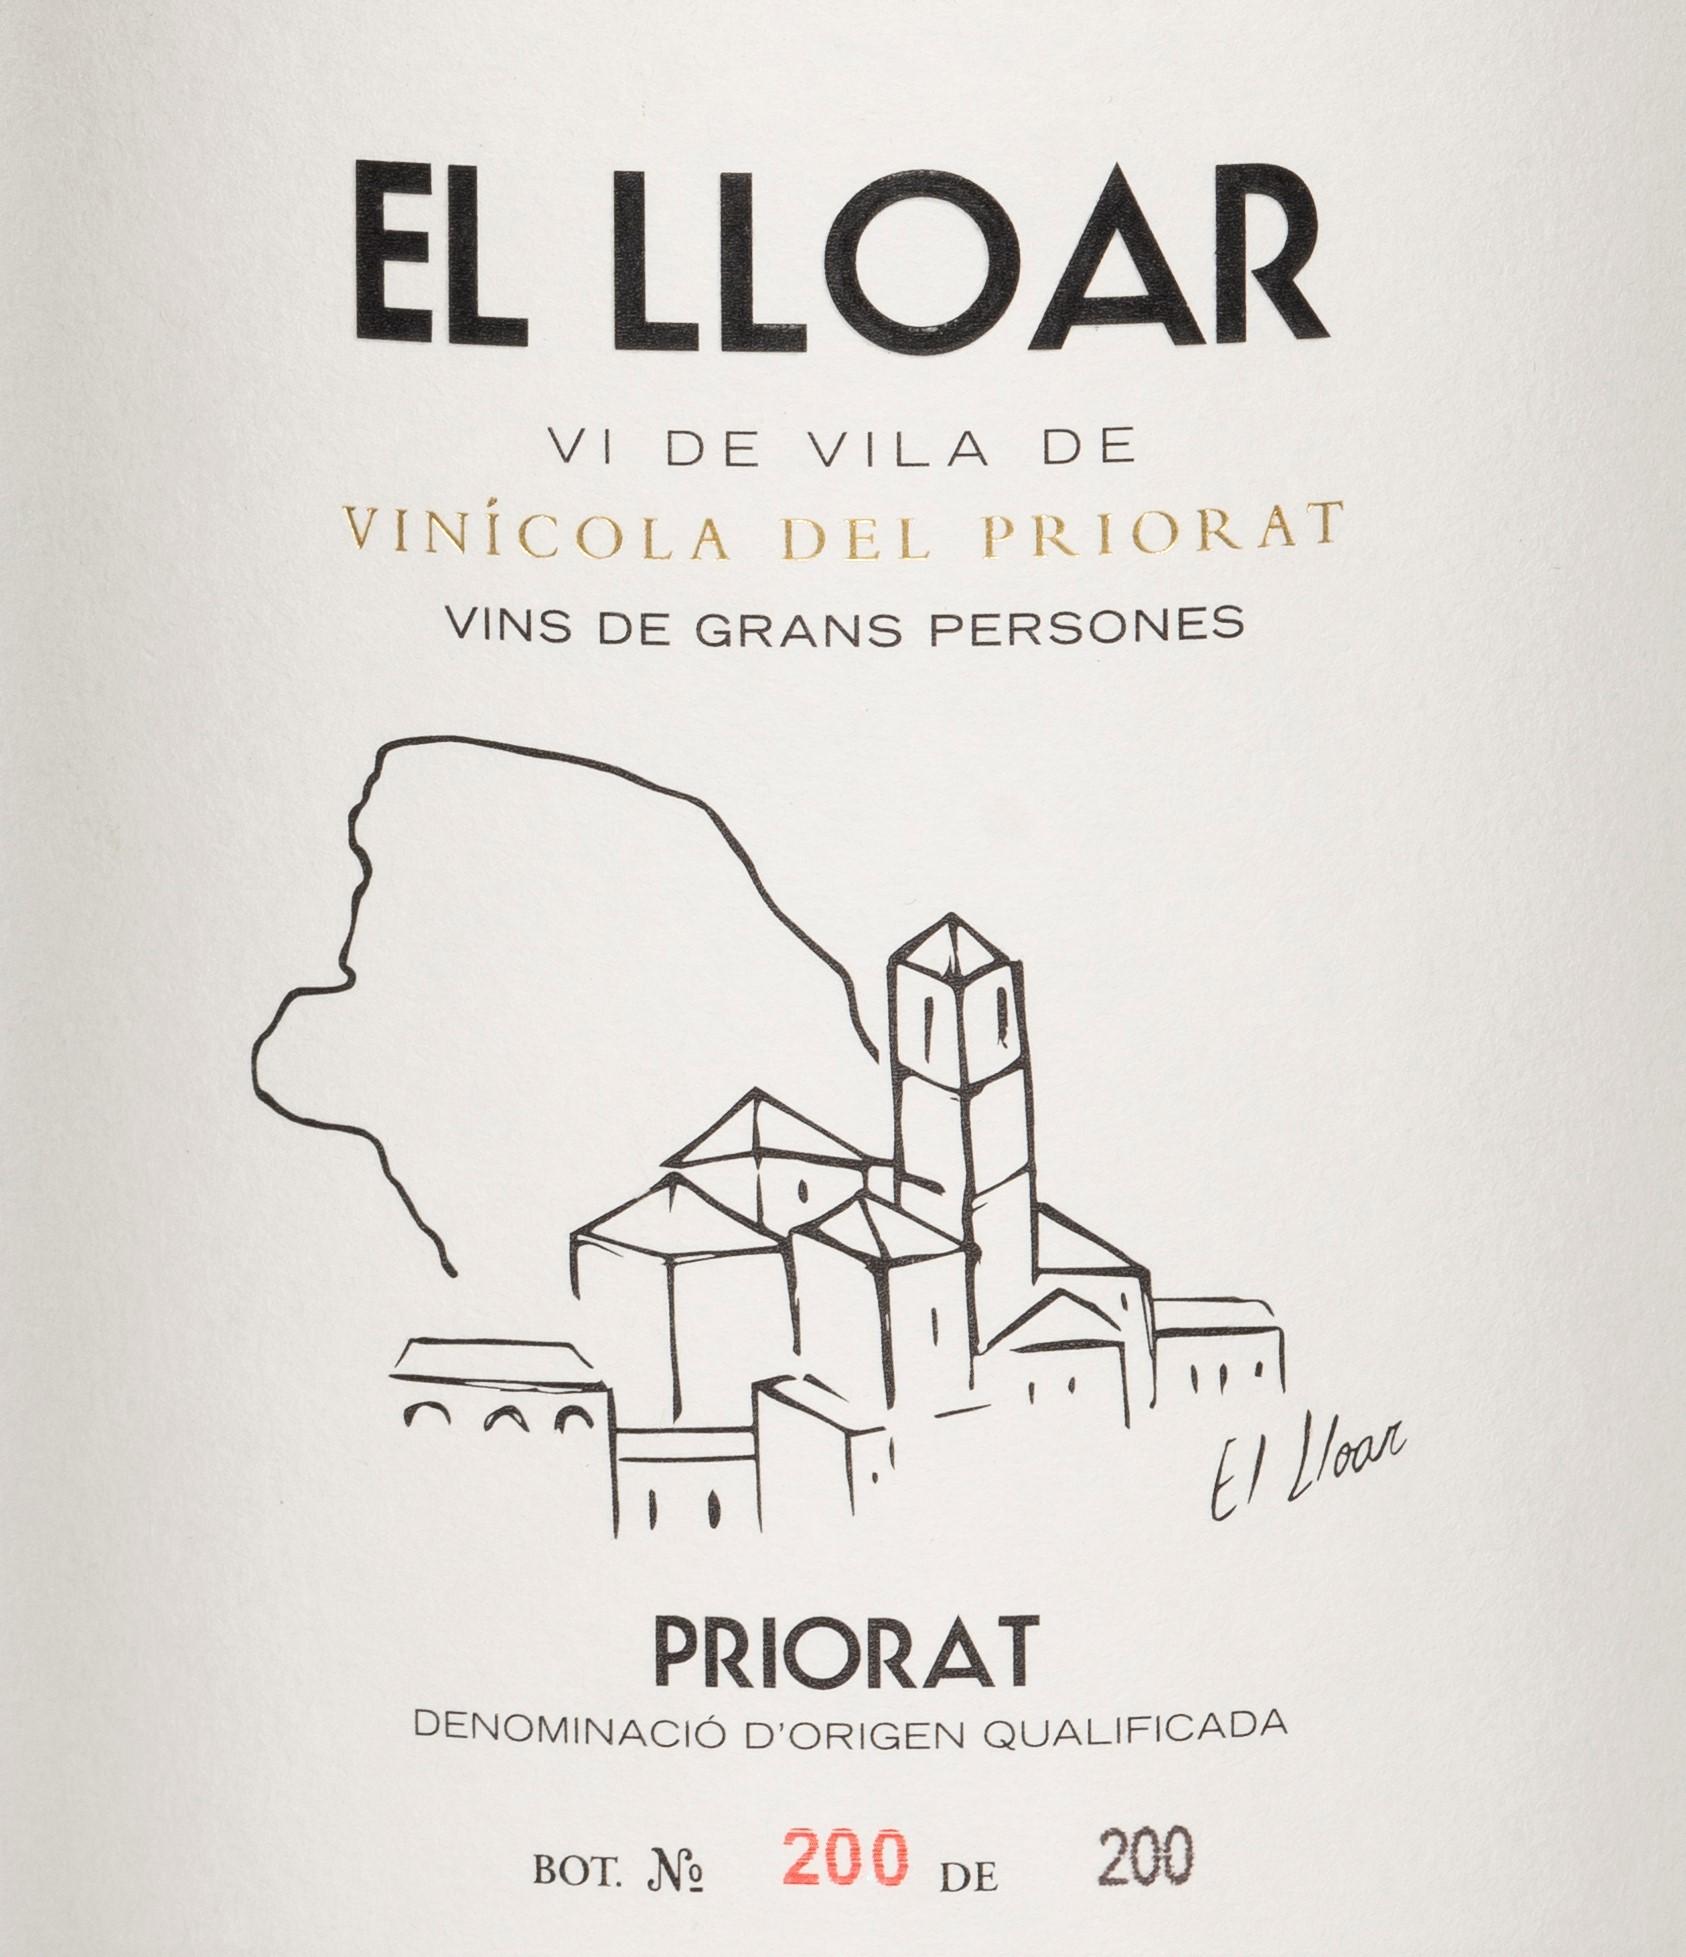 Vinícola del Priorat - El Lloar - Vi de Vila